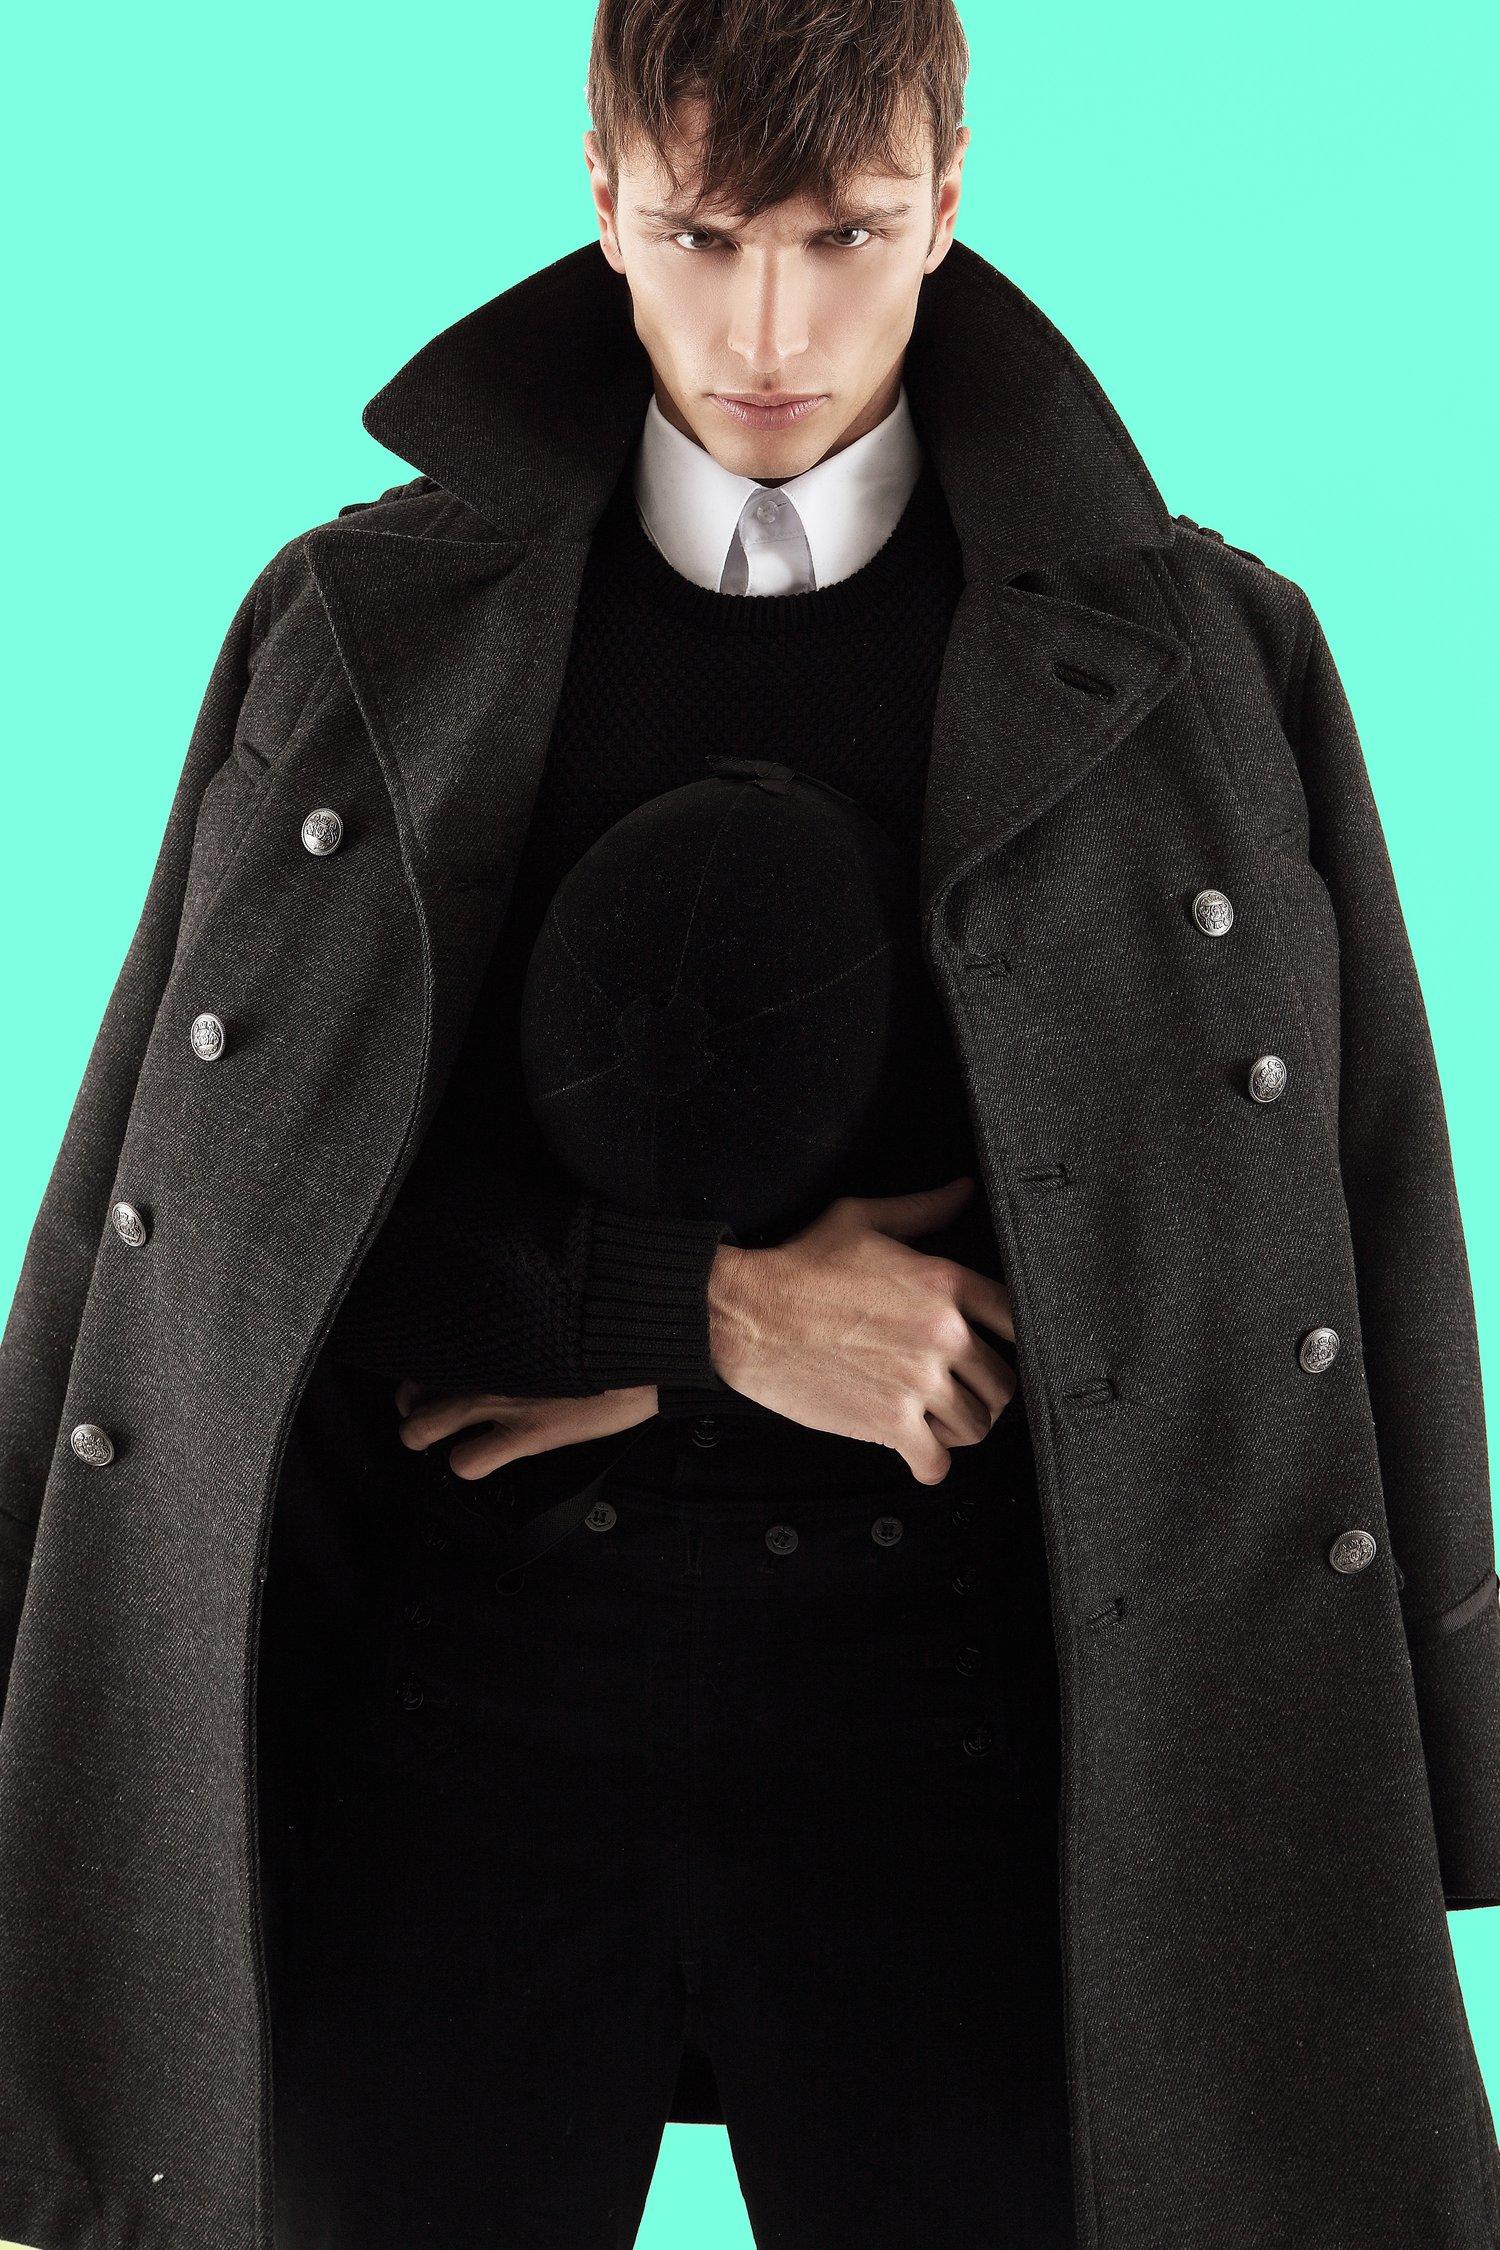 Adon Exclusive: Model Antonio Sangiorgi By Thomas synnamon